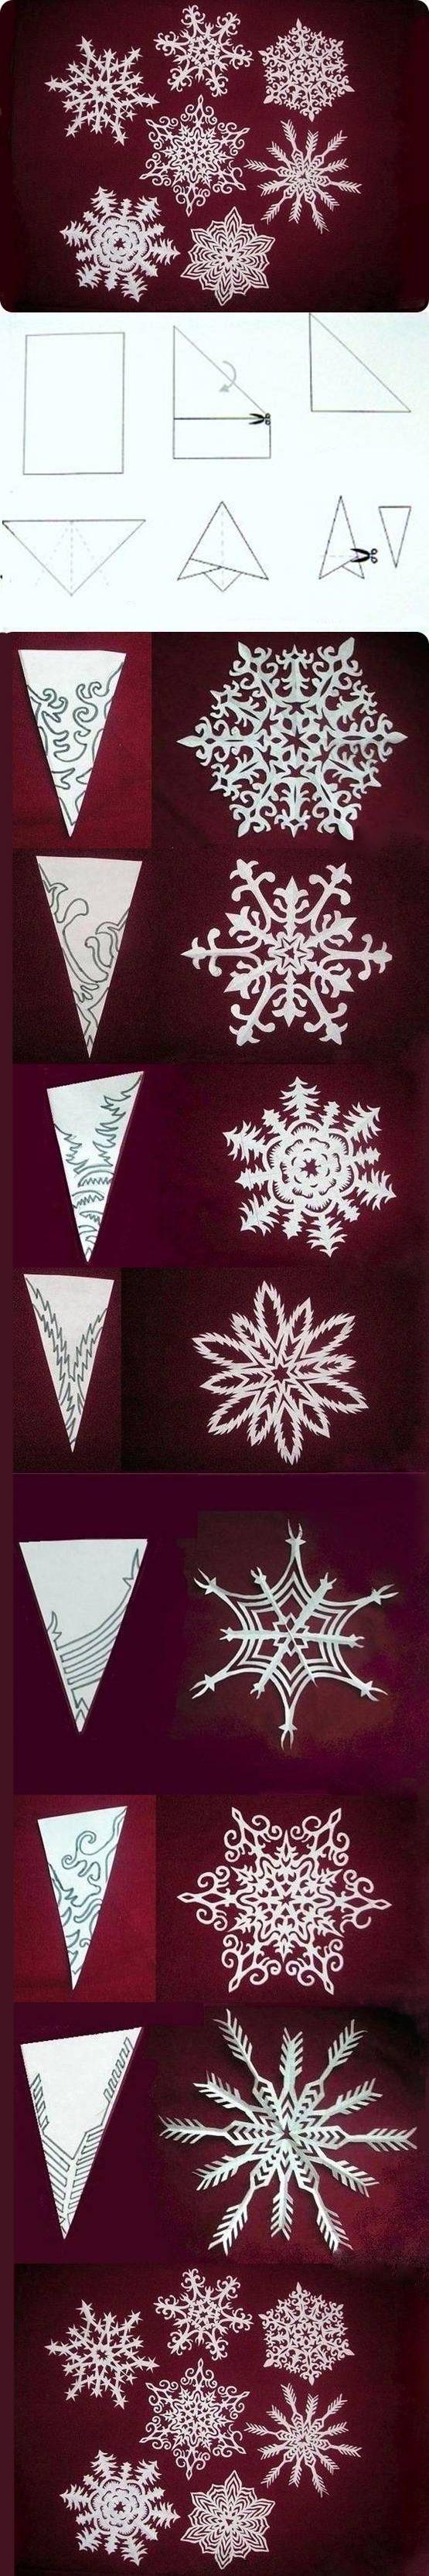 Paper snowflake patterns #Paper Snowflake #Paper Snowflake Patterns #Crafts